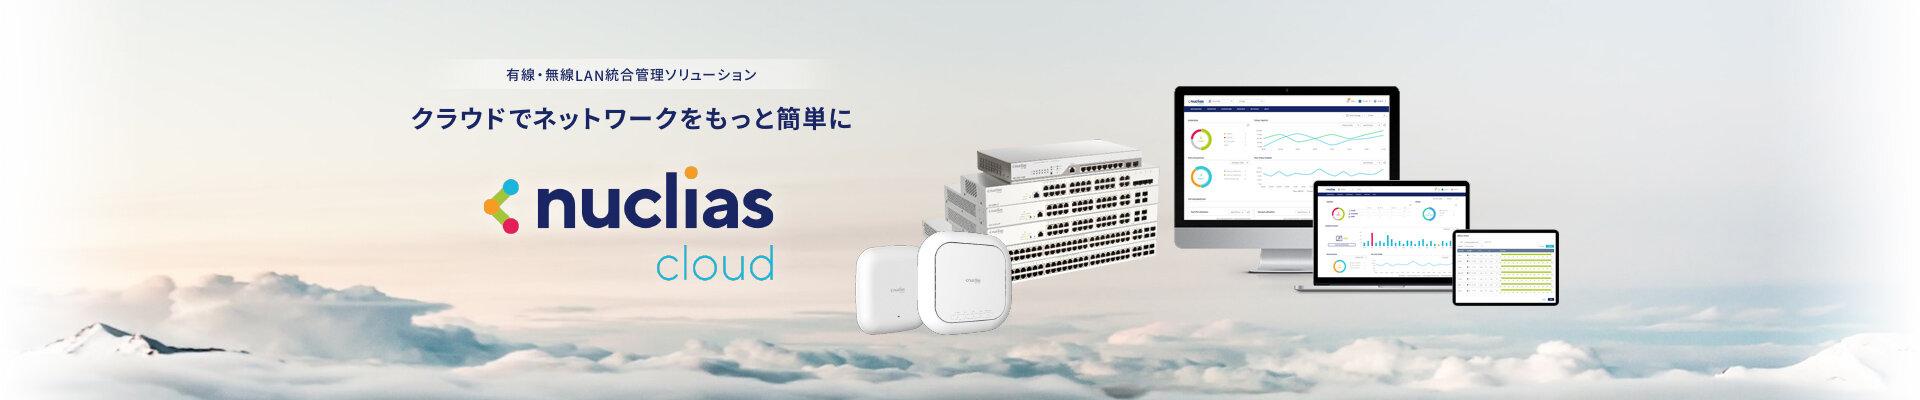 有線・無線LAN統合管理ソリューション クラウドでネットワークをもっと簡単に nuclias cloud